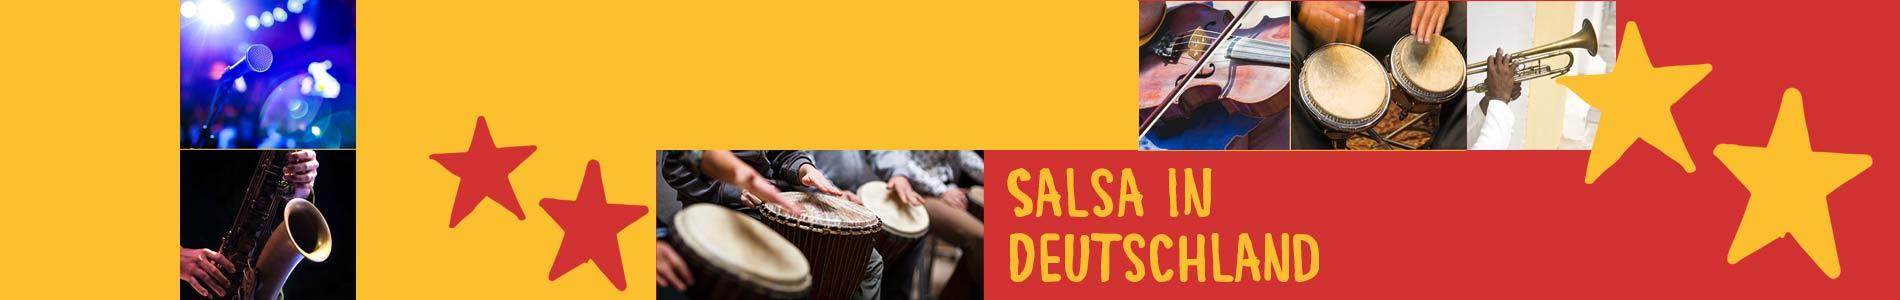 Salsa in Burgbrohl – Salsa lernen und tanzen, Tanzkurse, Partys, Veranstaltungen